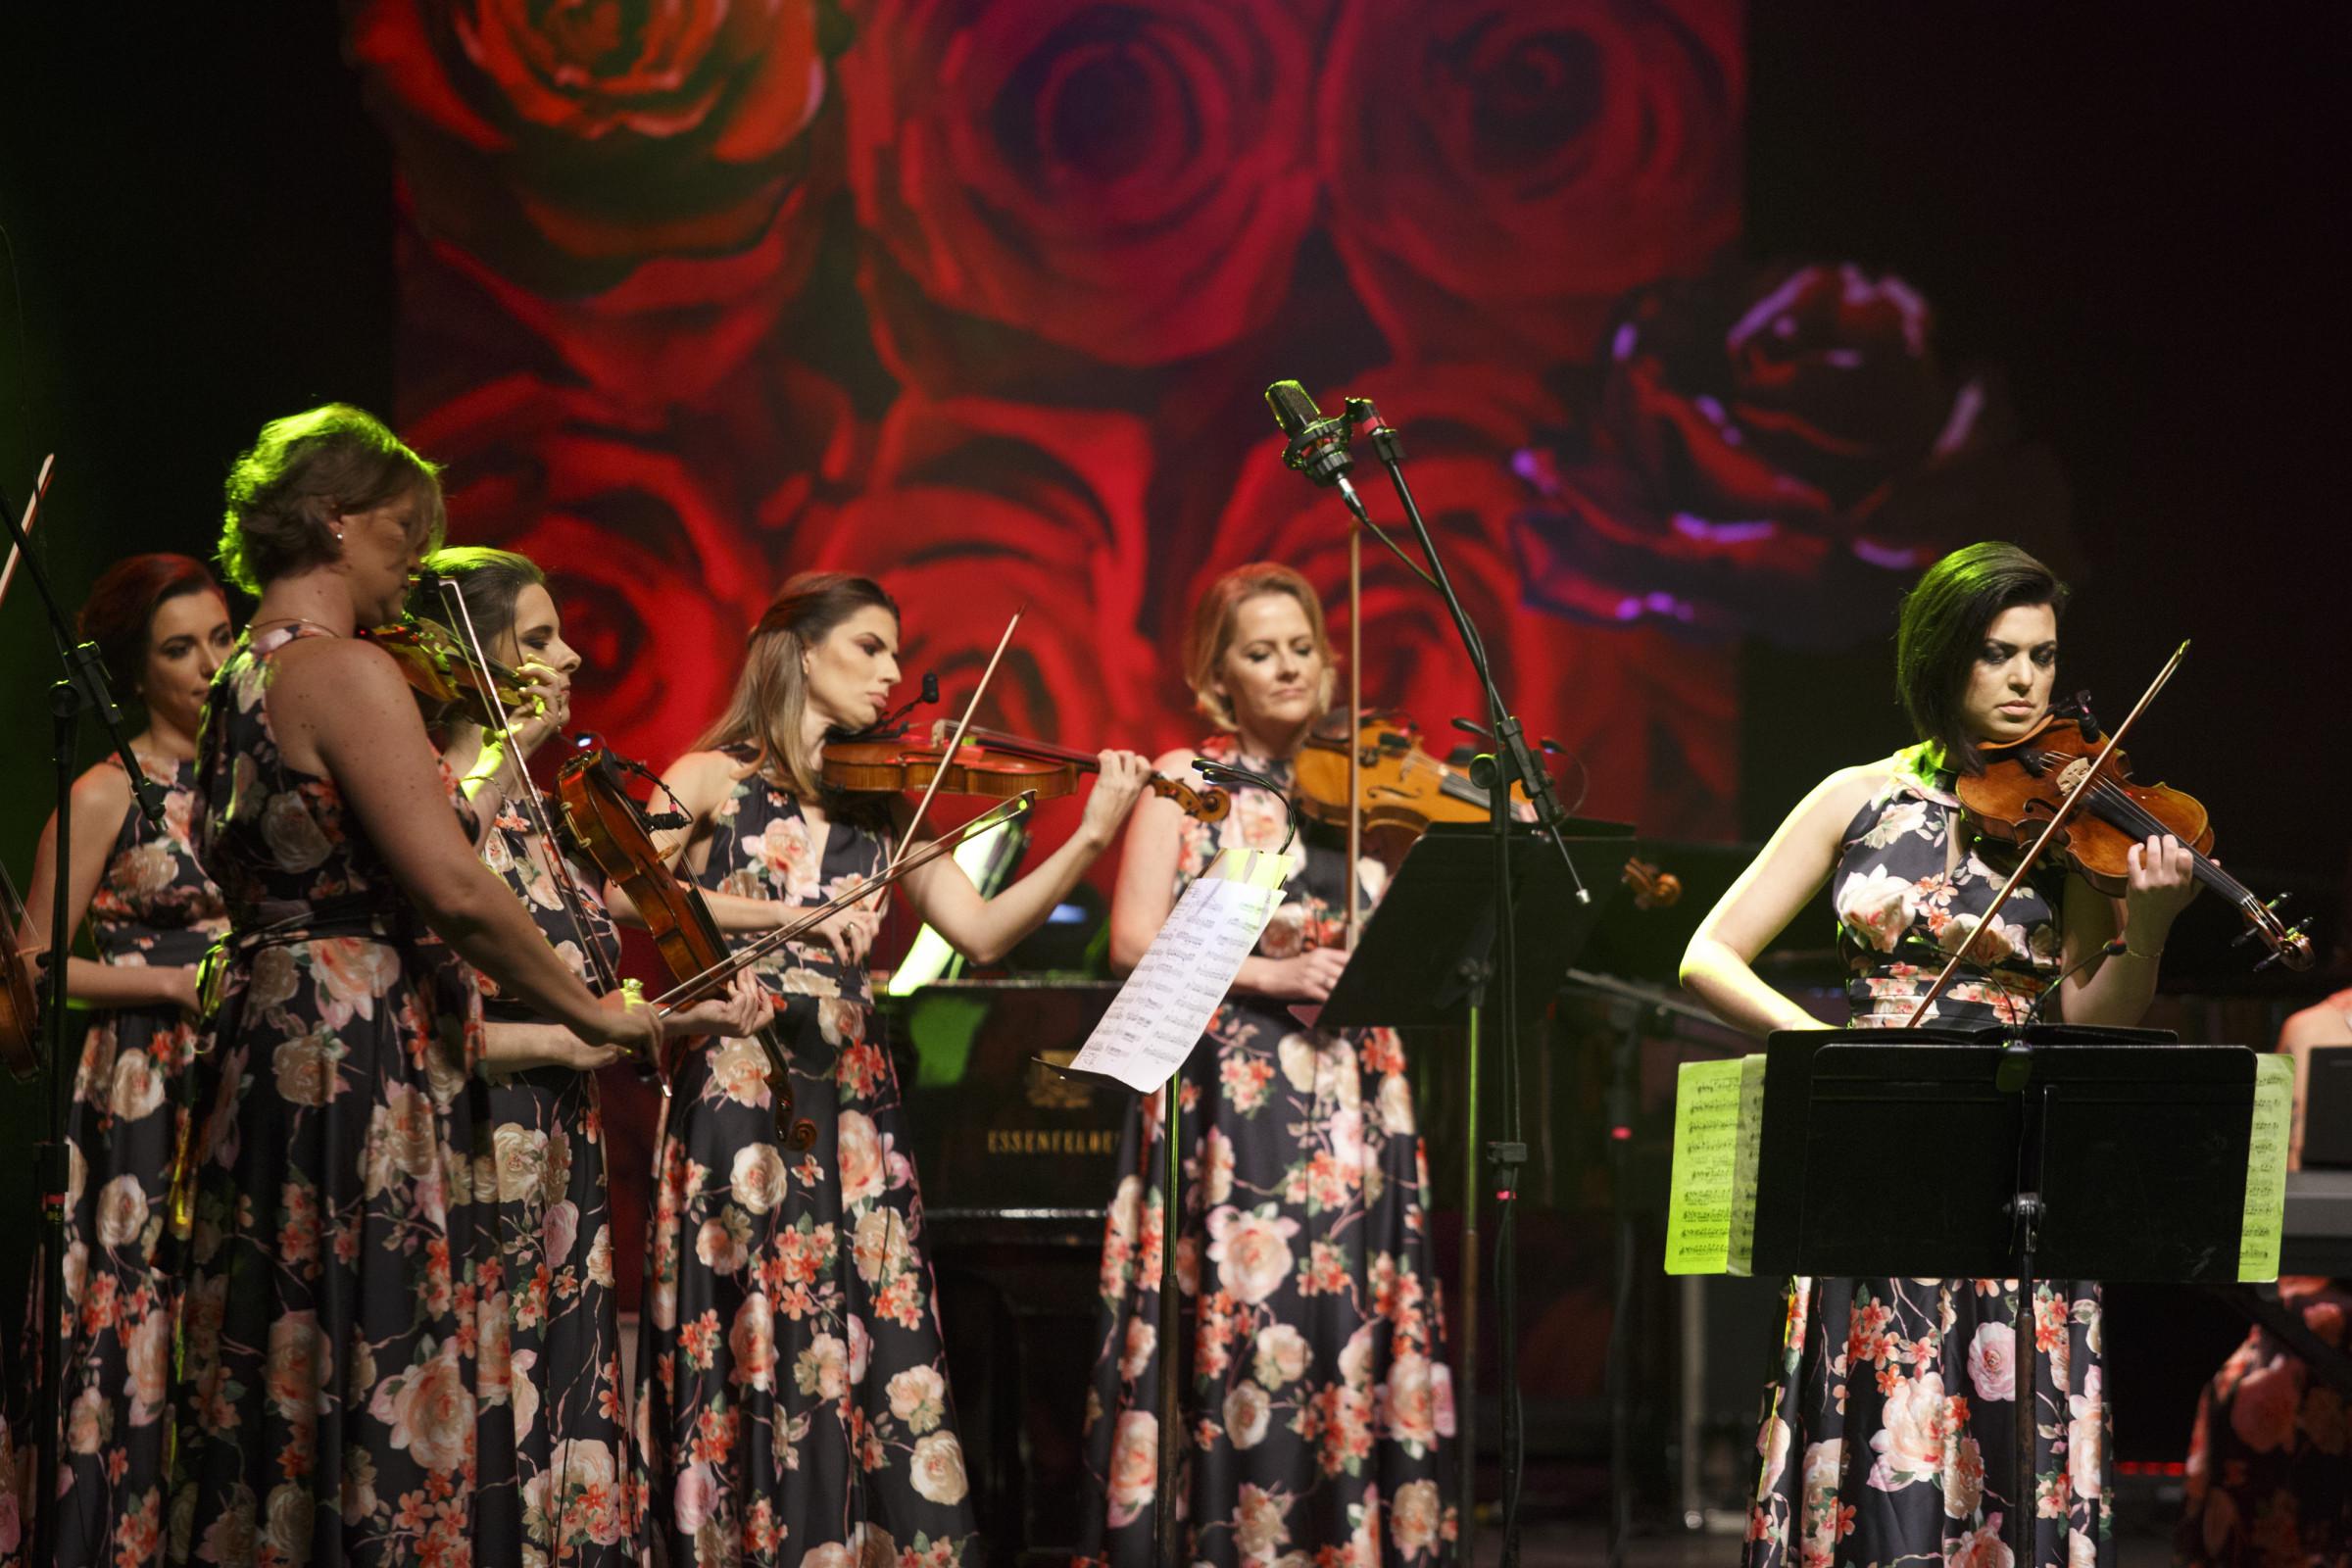 Apresentação do Concerto das Rosas no teatro Guaíra, em Curitiba. 25/07/2017